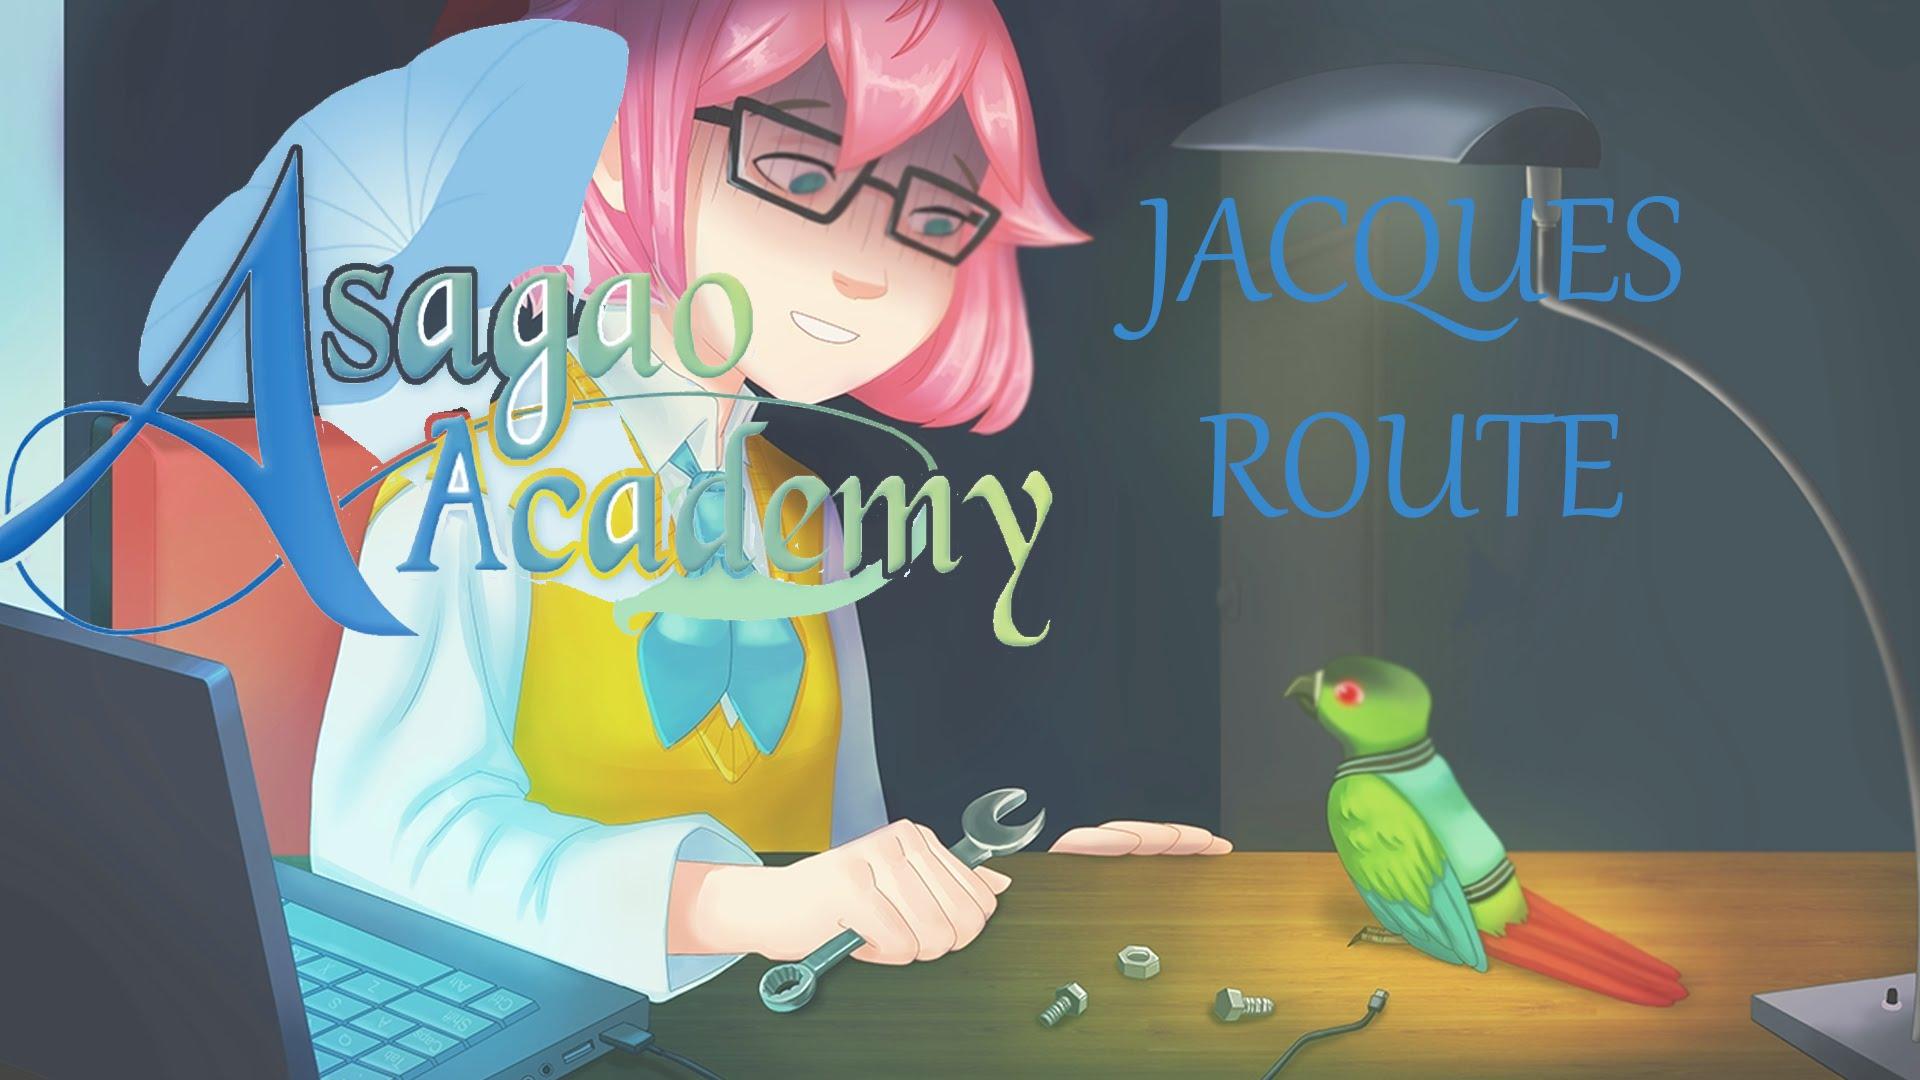 Asagao Academy Secret/Hidden Jacques Route Part 1.